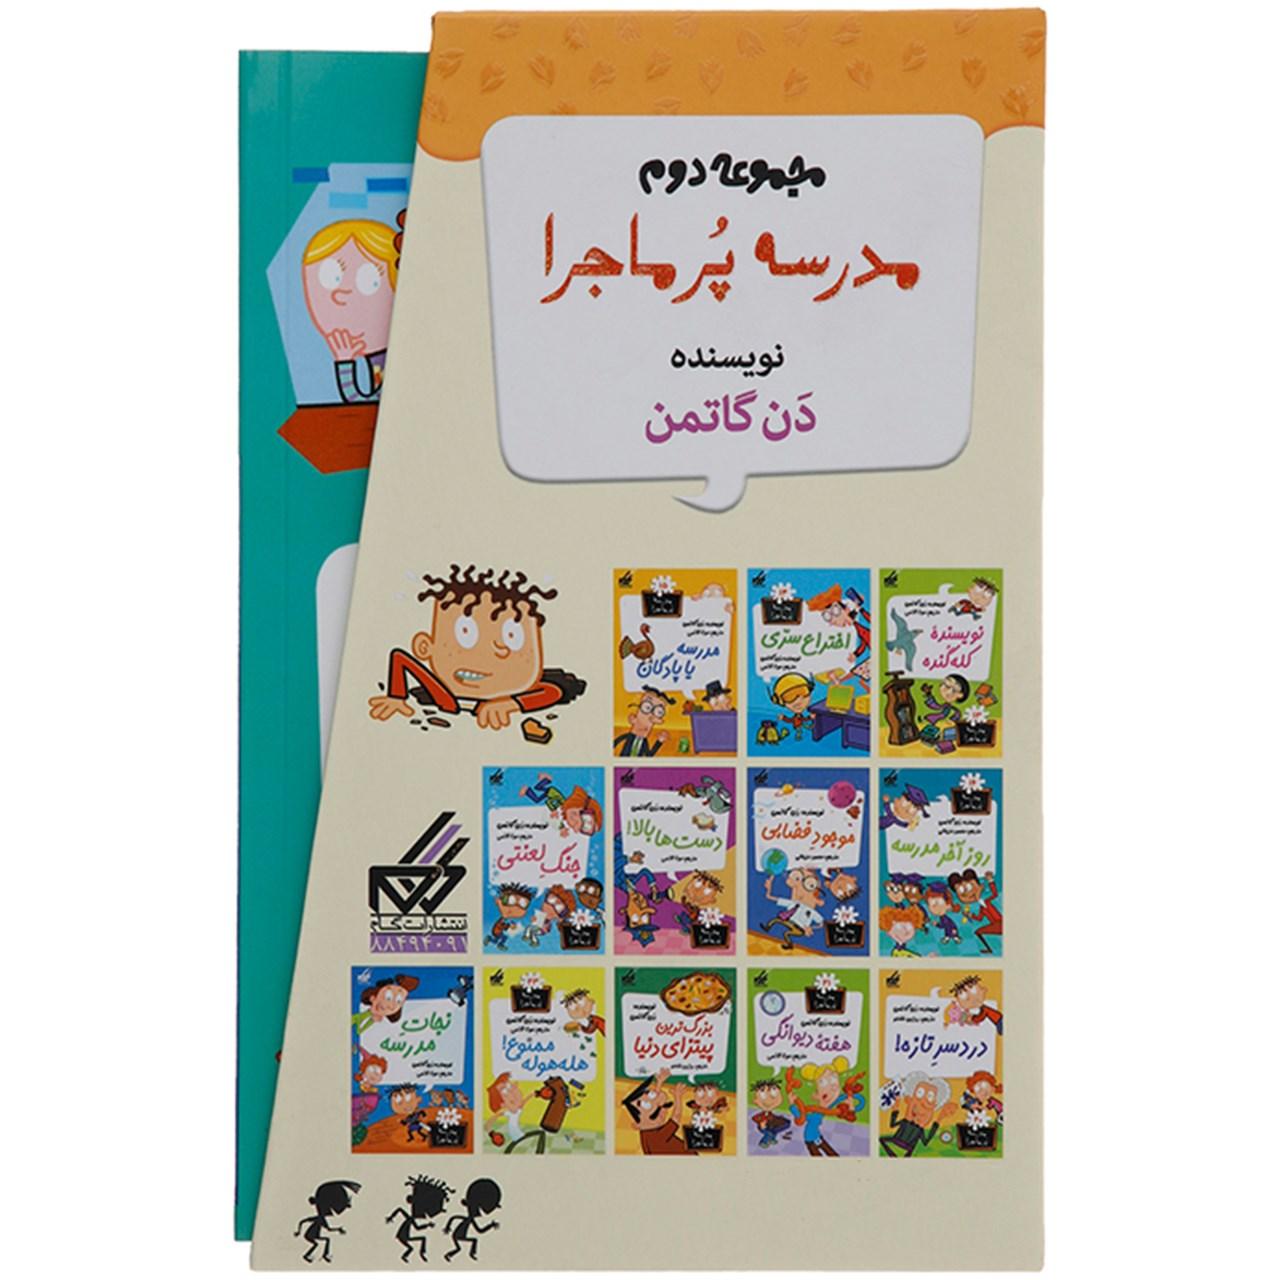 خرید                      کتاب مدرسه پرماجرا مجموعه دوم اثر دن گاتمن - 12 جلدی